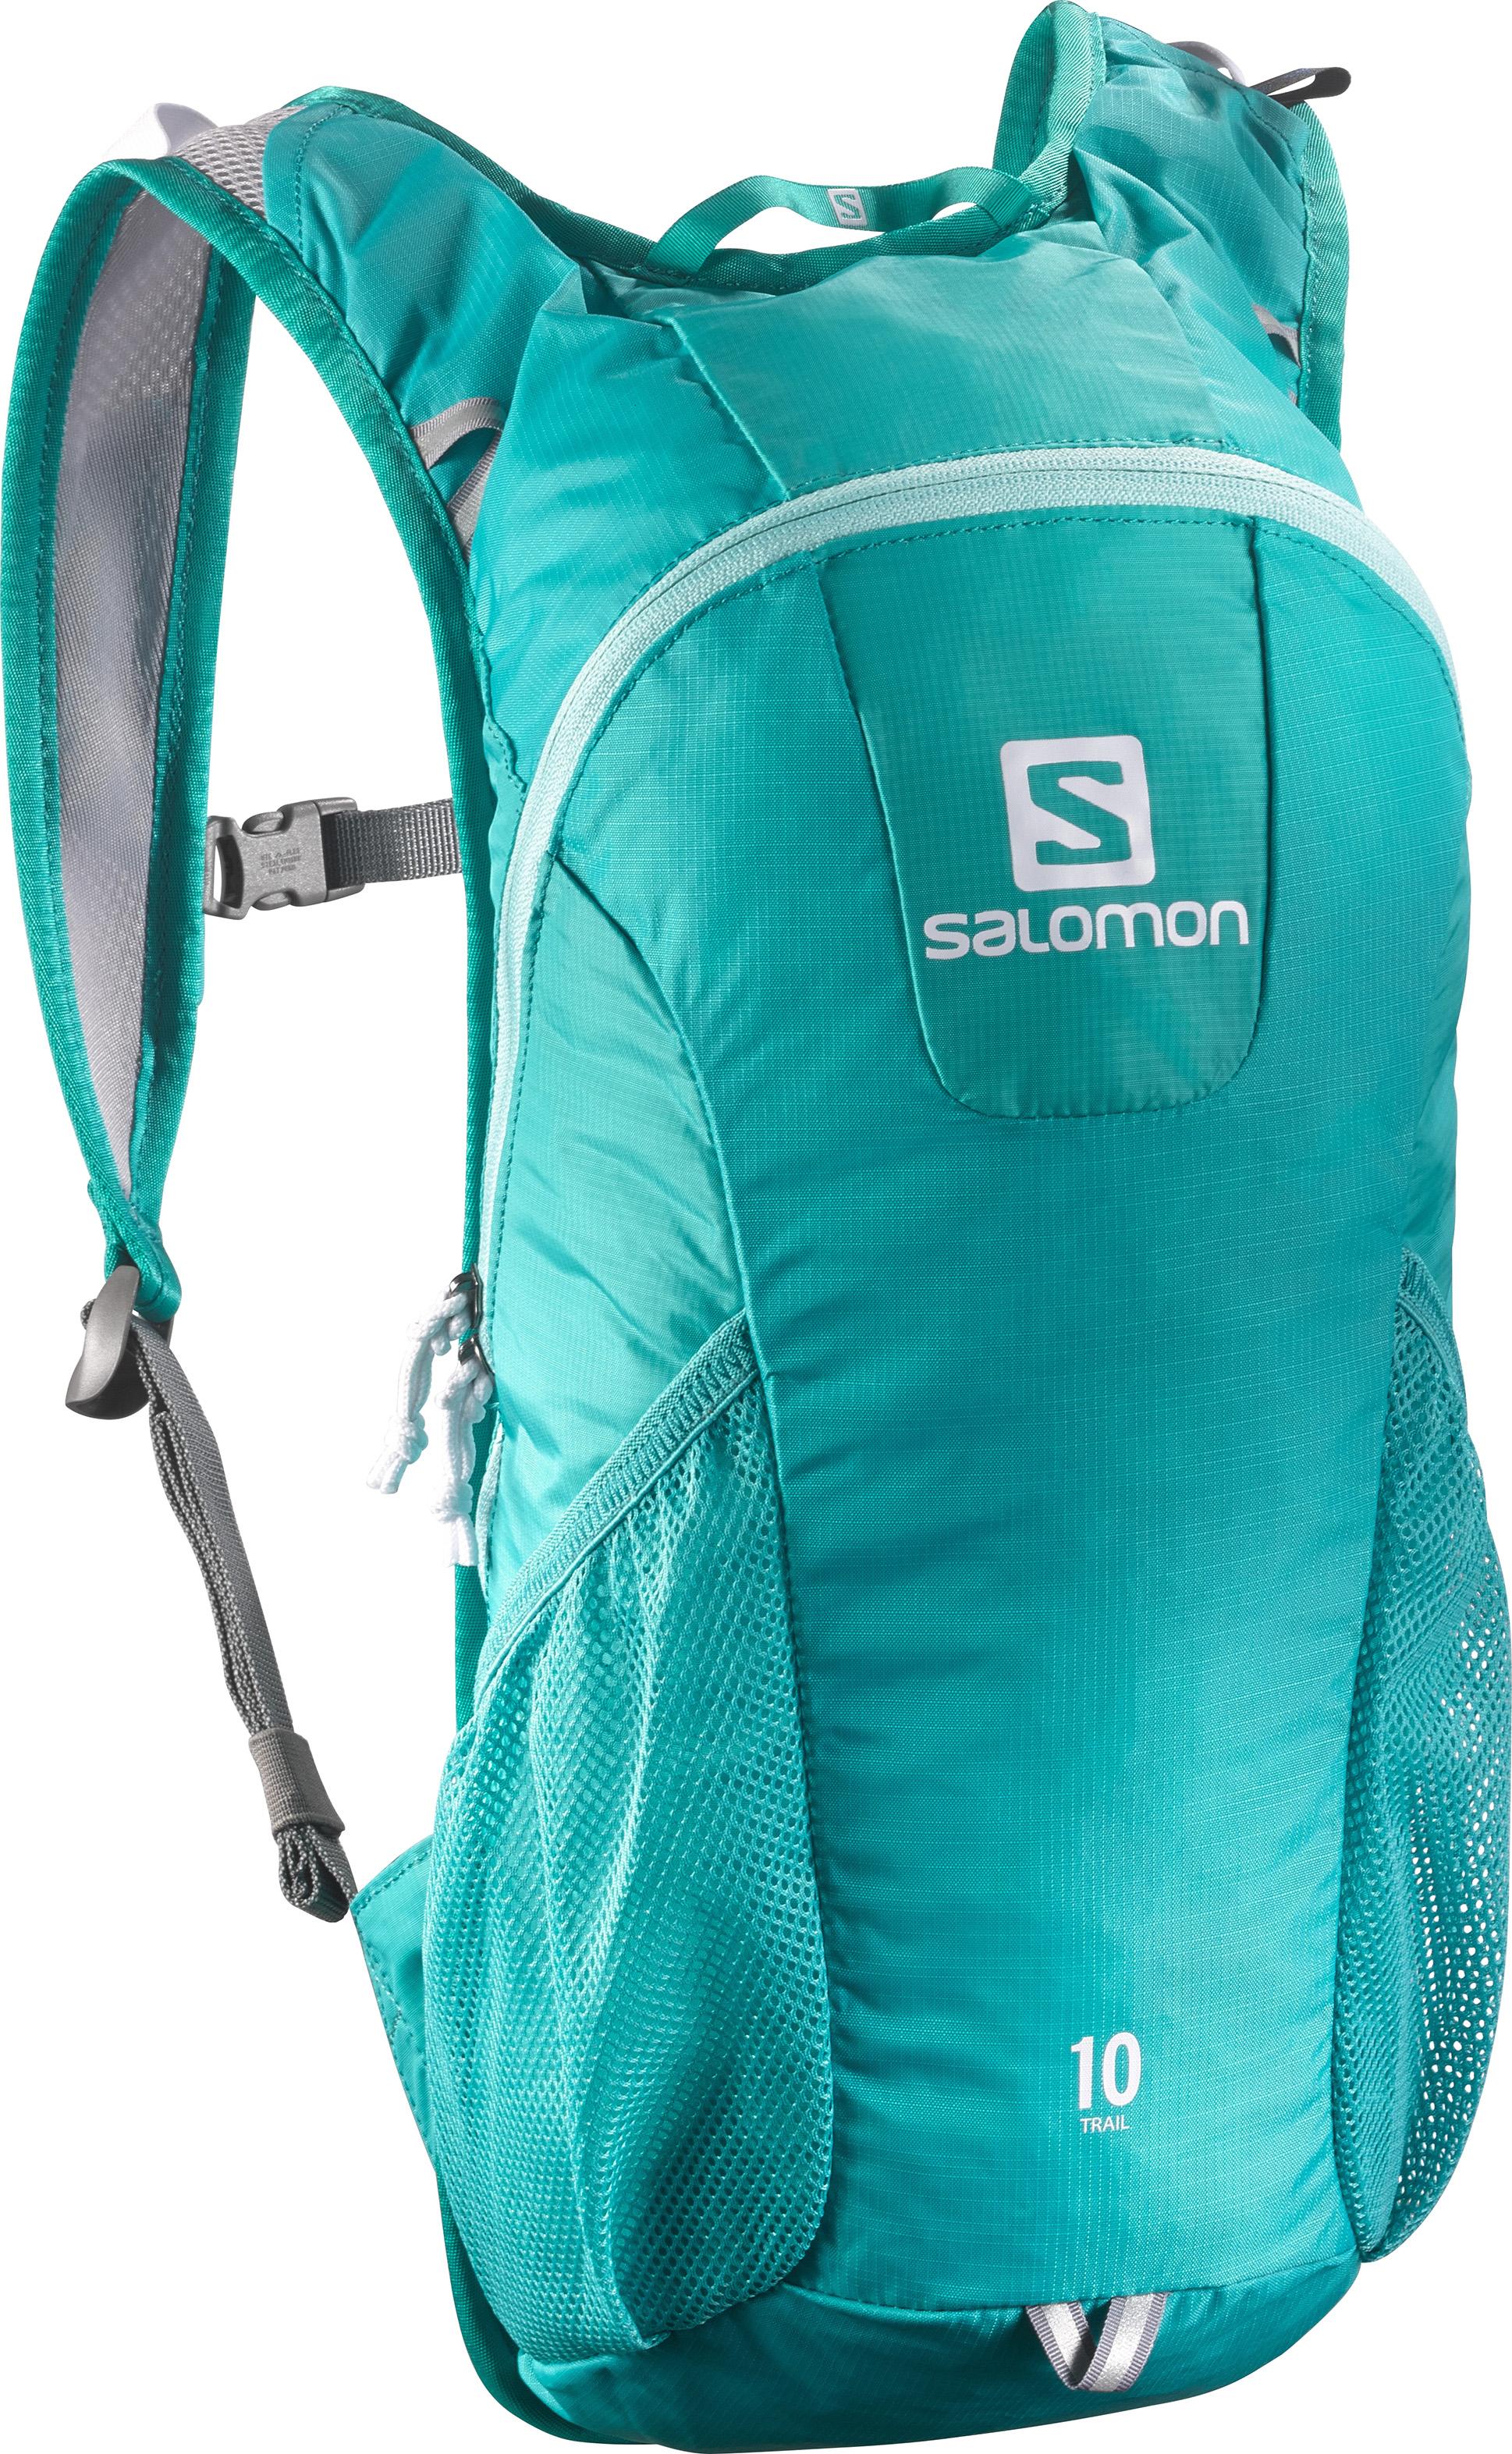 Рюкзак спортивный Salomon TRAIL 10, цвет: бирюзовый. L37997900L37997900Давно любимый бегунами рюкзак получил новый обтекаемый силуэт: Trail 10 сбалансированно распределяет нагрузку, прост в использовании, имеет удобное основное отделение и набедренные карманы на поясе. Идеально подходит для забегов средней длительности или однодневных походов по любому маршруту. Спинка Airvent AGILITY • Плечевые лямки из сетчатой ткани 3D Airmesh • Регулируемый пояс • 1 основное отделение • 2 боковых сетчатых кармана • Система дополнительной подвески • Светоотражающие элементы • Отделение для гидратора с системой фиксации